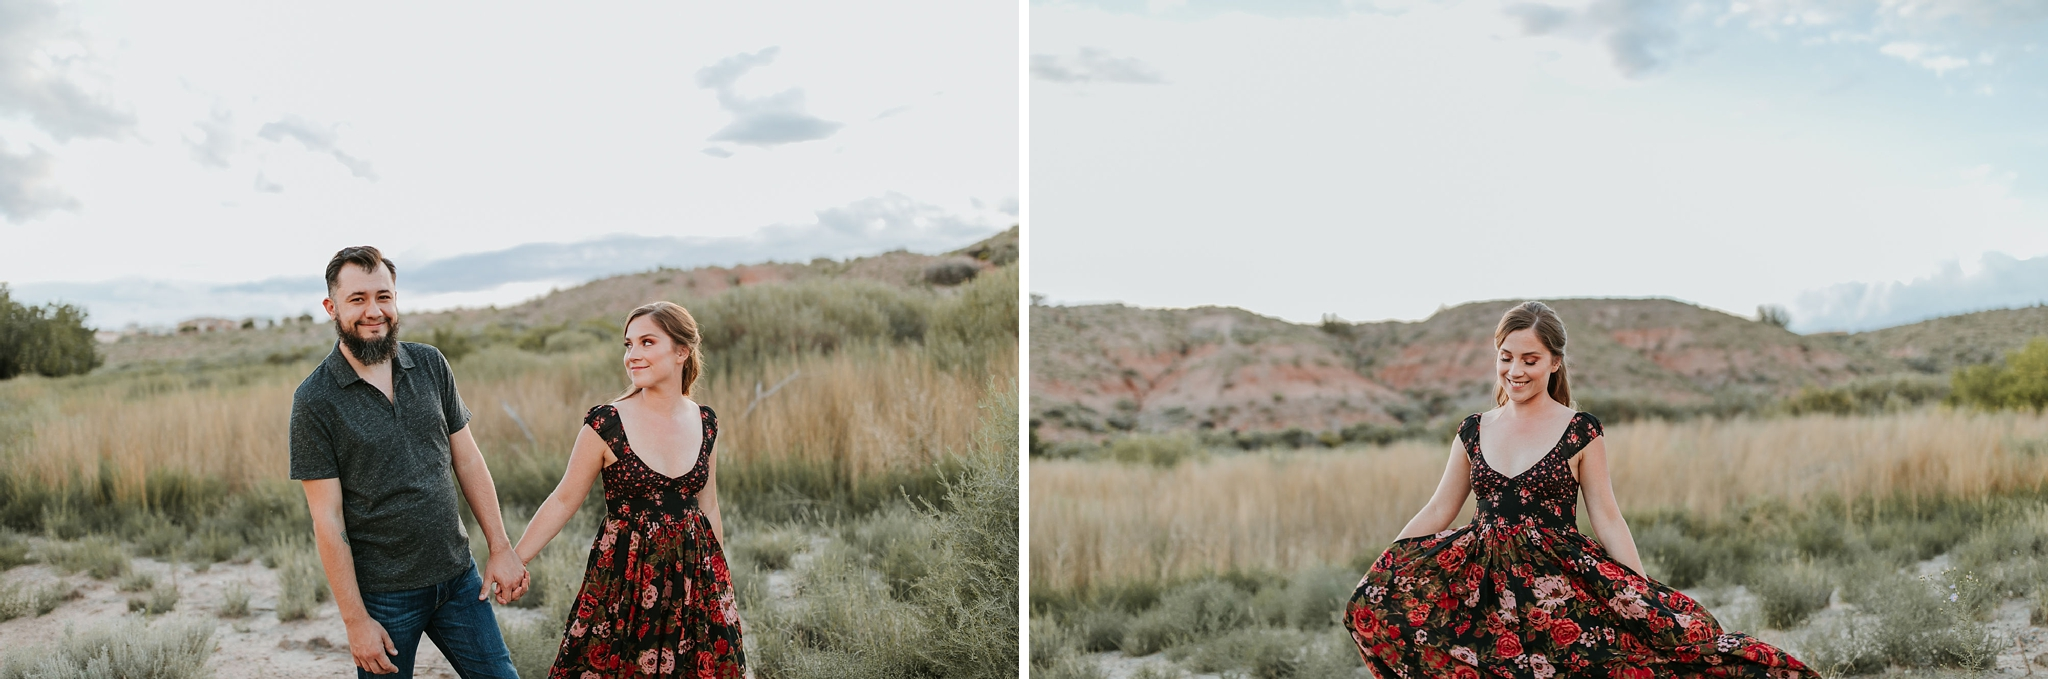 Alicia+lucia+photography+-+albuquerque+wedding+photographer+-+santa+fe+wedding+photography+-+new+mexico+wedding+photographer+-+new+mexico+wedding+-+wedding+makeup+-+makeup+artist+-+wedding+makeup+artist+-+bridal+makeup_0052.jpg